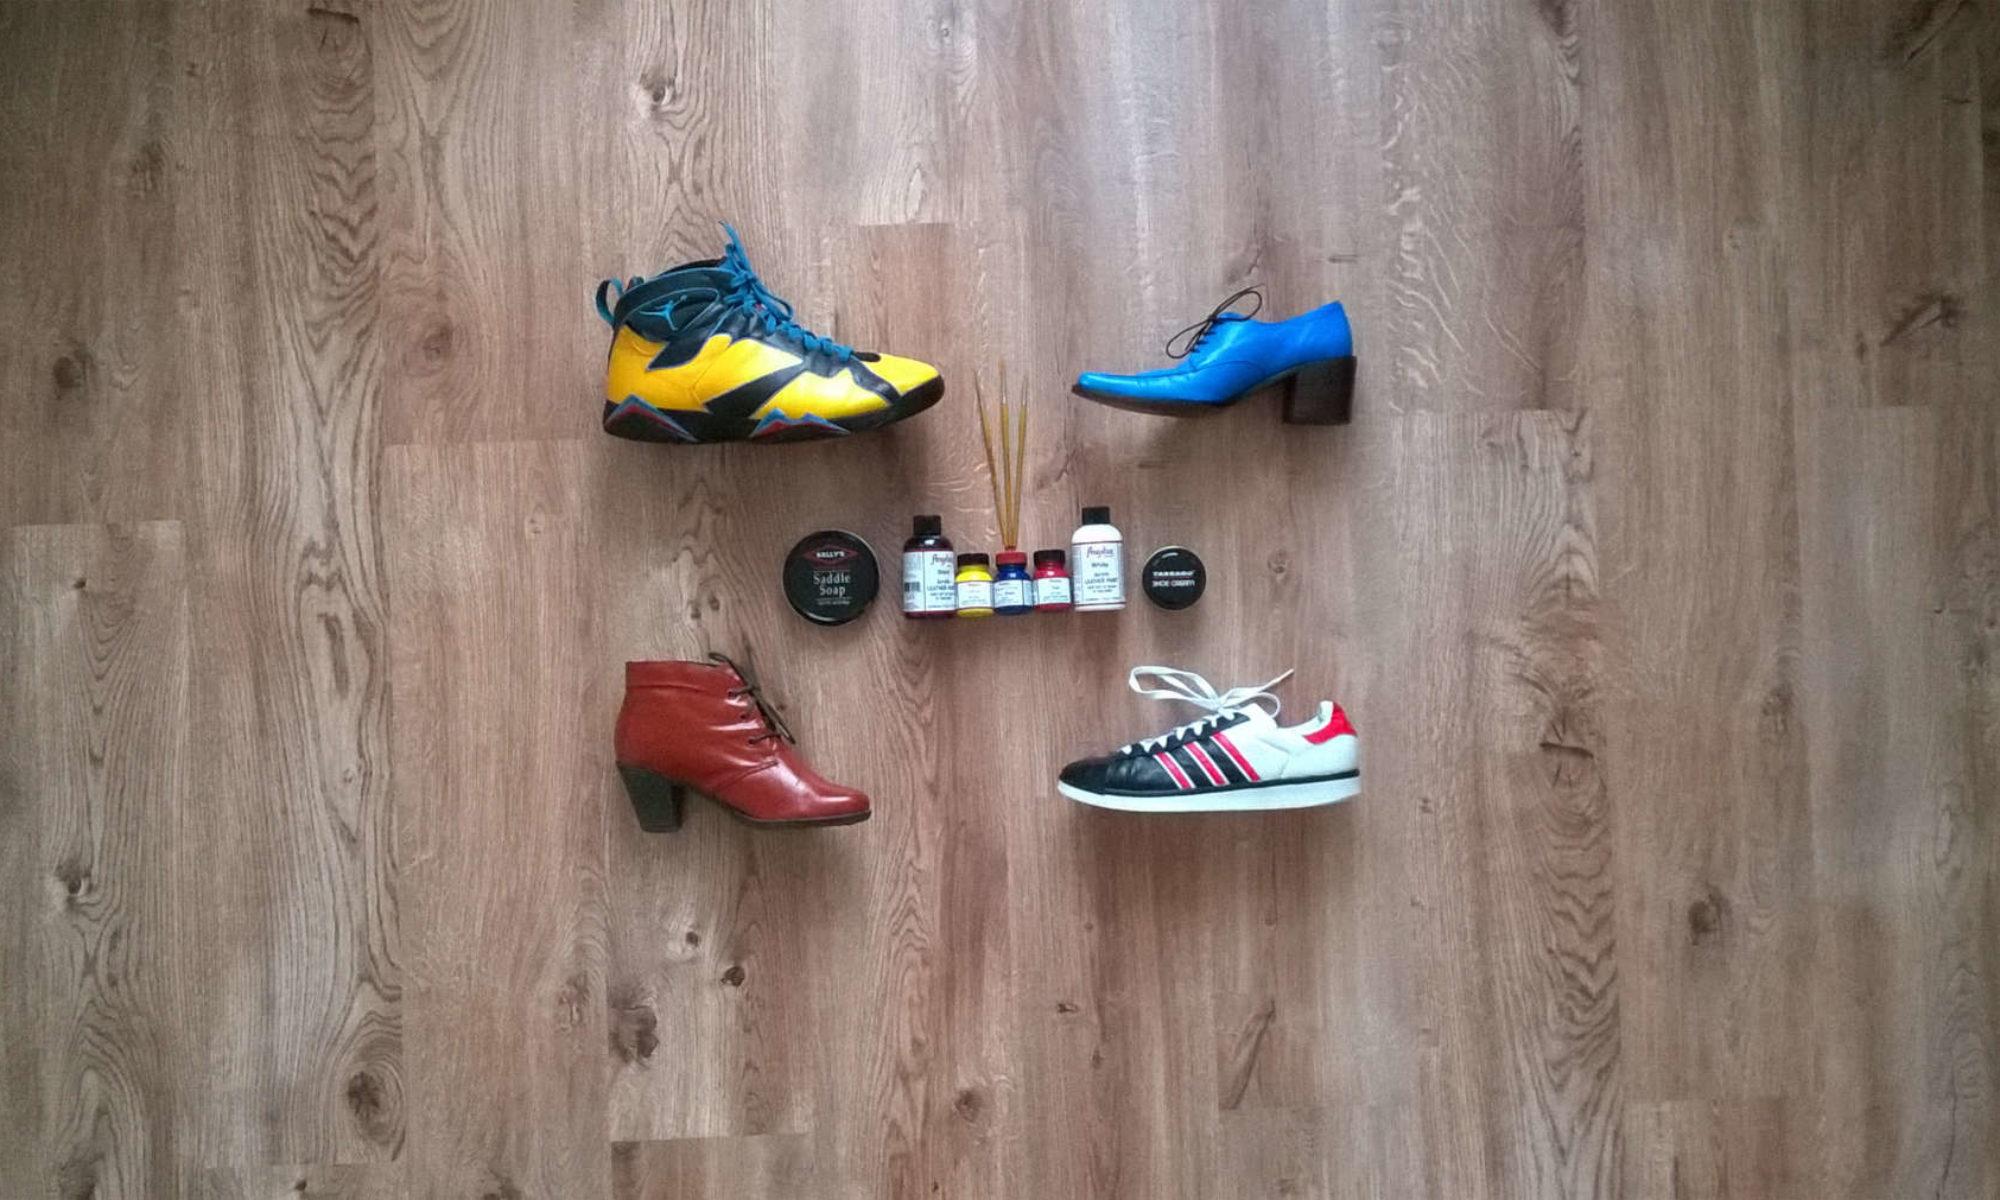 But Od Nowa - renowacja butów , torebek, portfeli, kurtek skórzanych